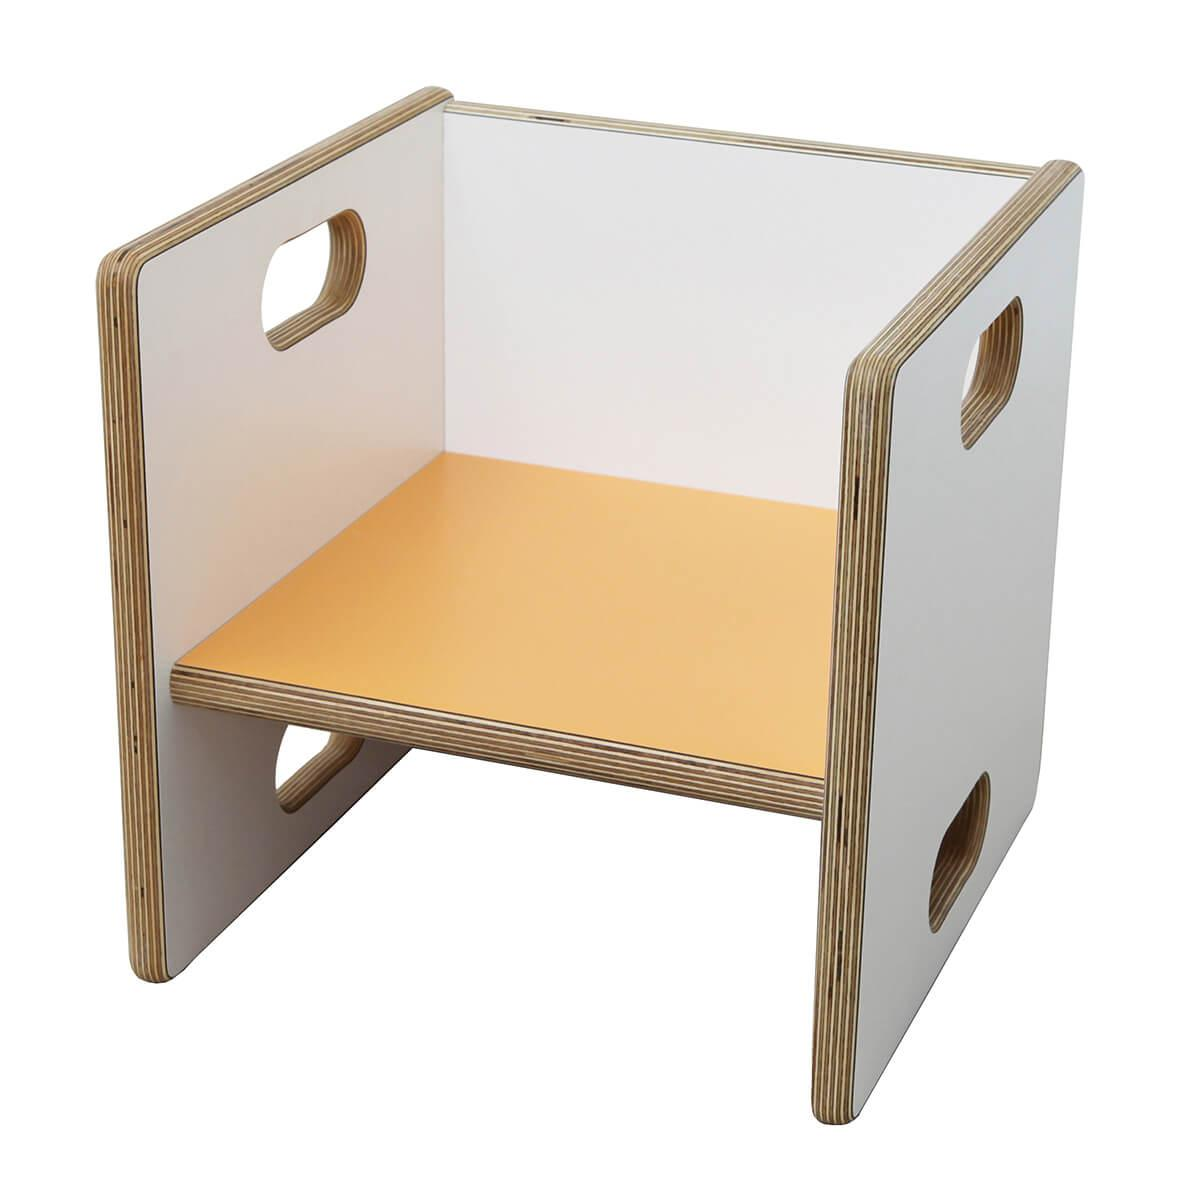 Wandelstuhl DECOR Debreuyn  - Multiplex weiß HPL   -  Sitzfläche orange